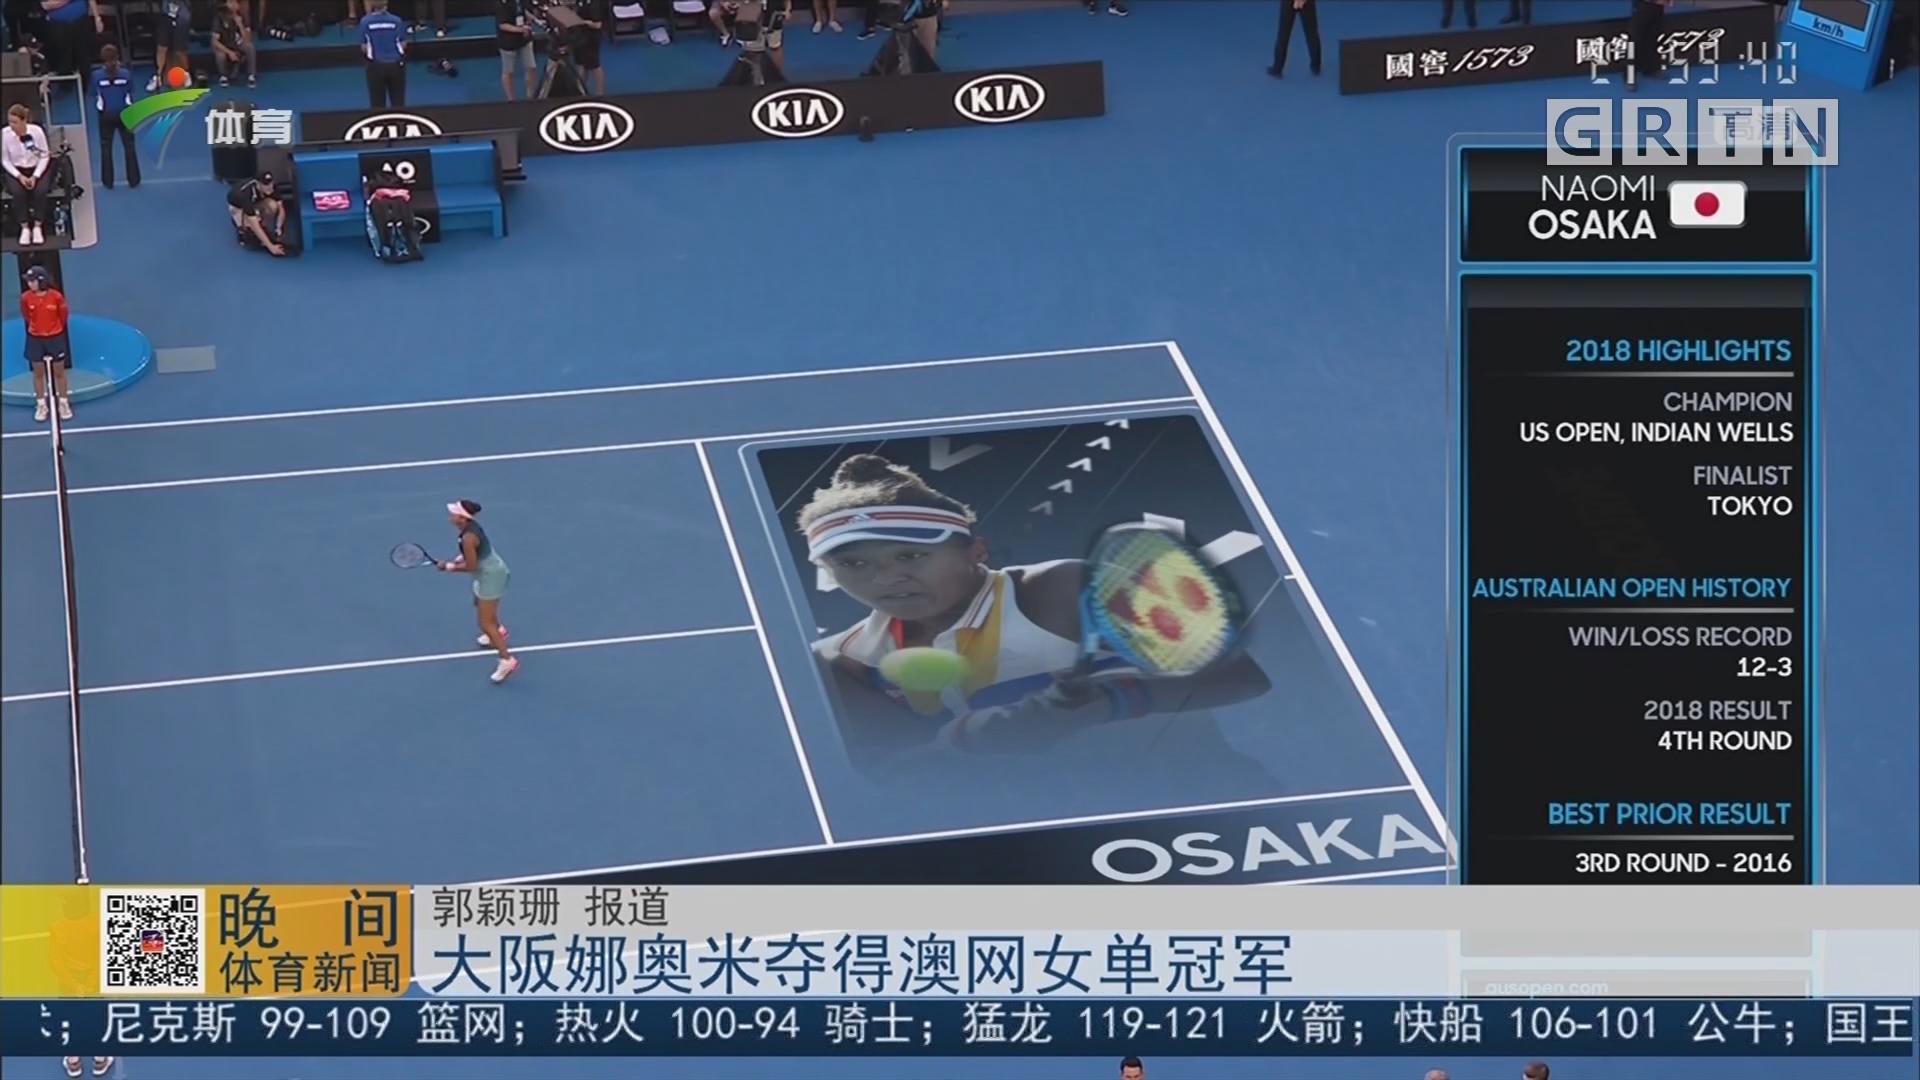 大阪娜奥米夺得澳网女单冠军